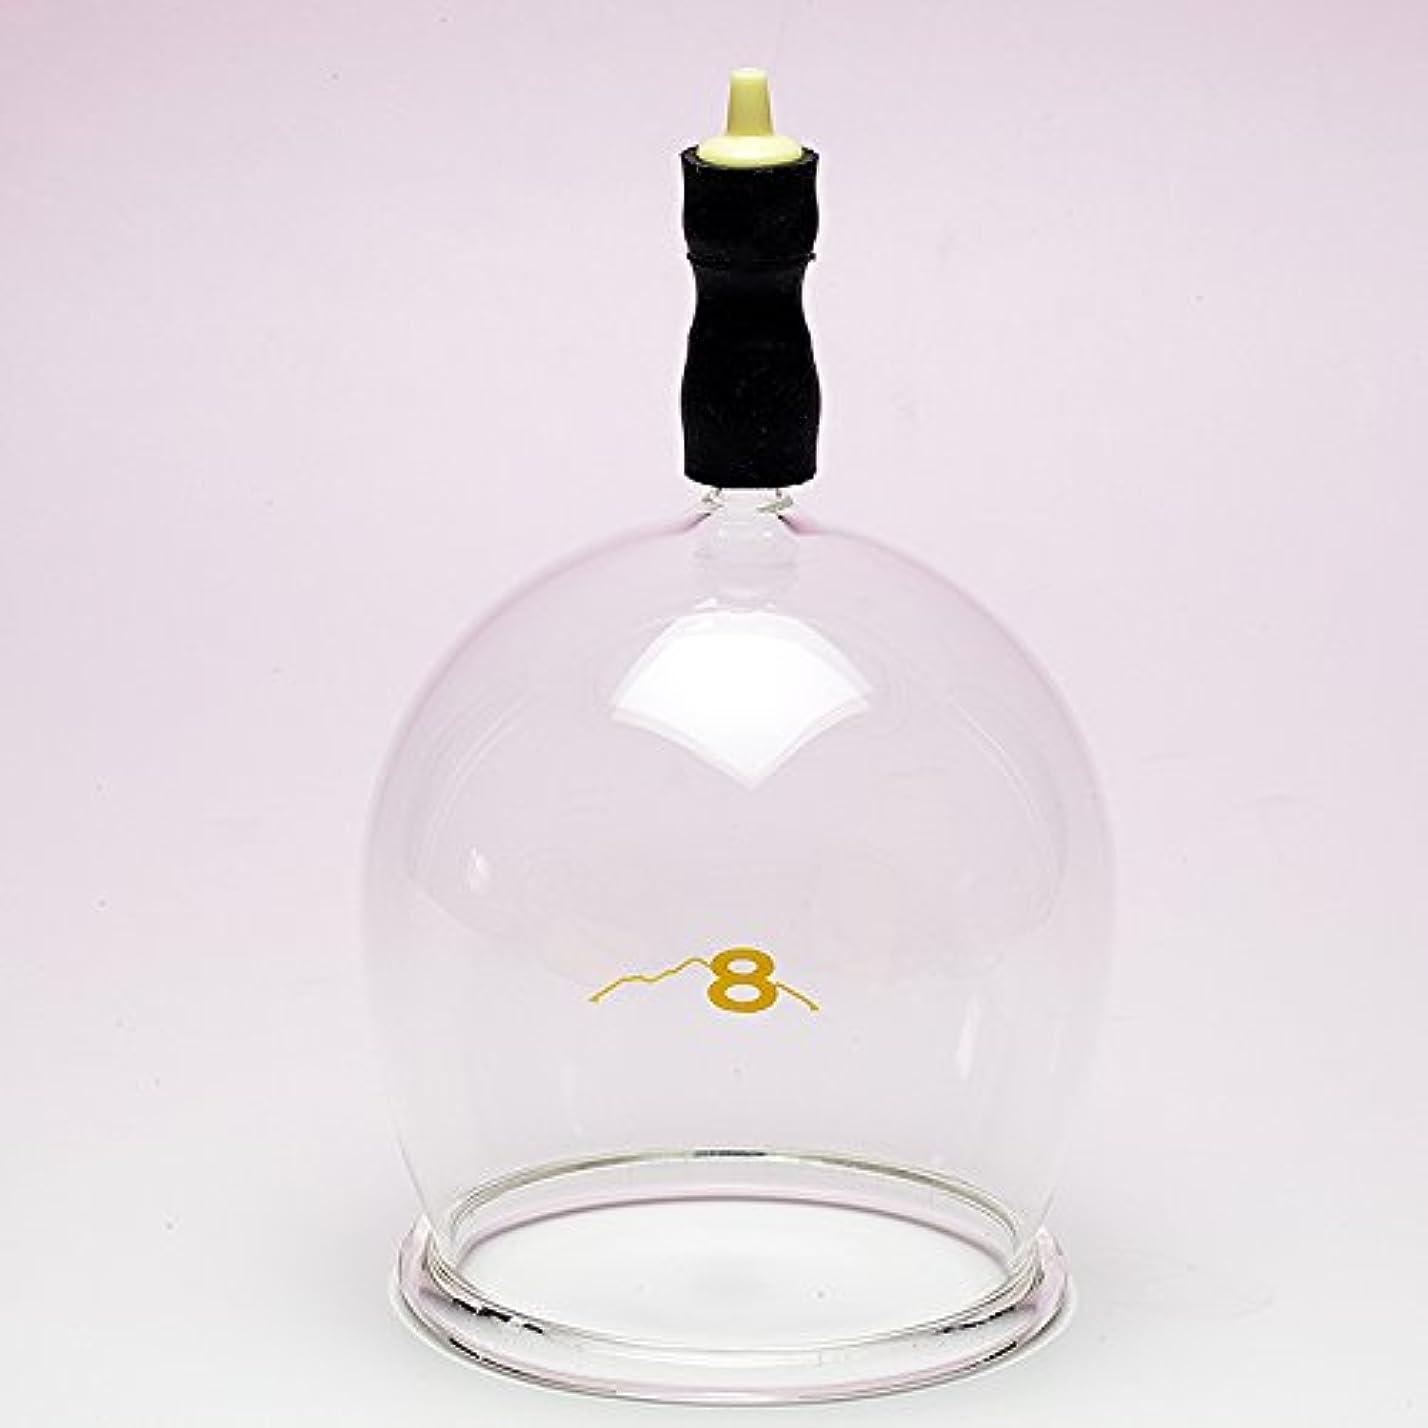 取り組むアルネチキン霧島ガラス玉(電動吸い玉機器用吸着具)完成品8号